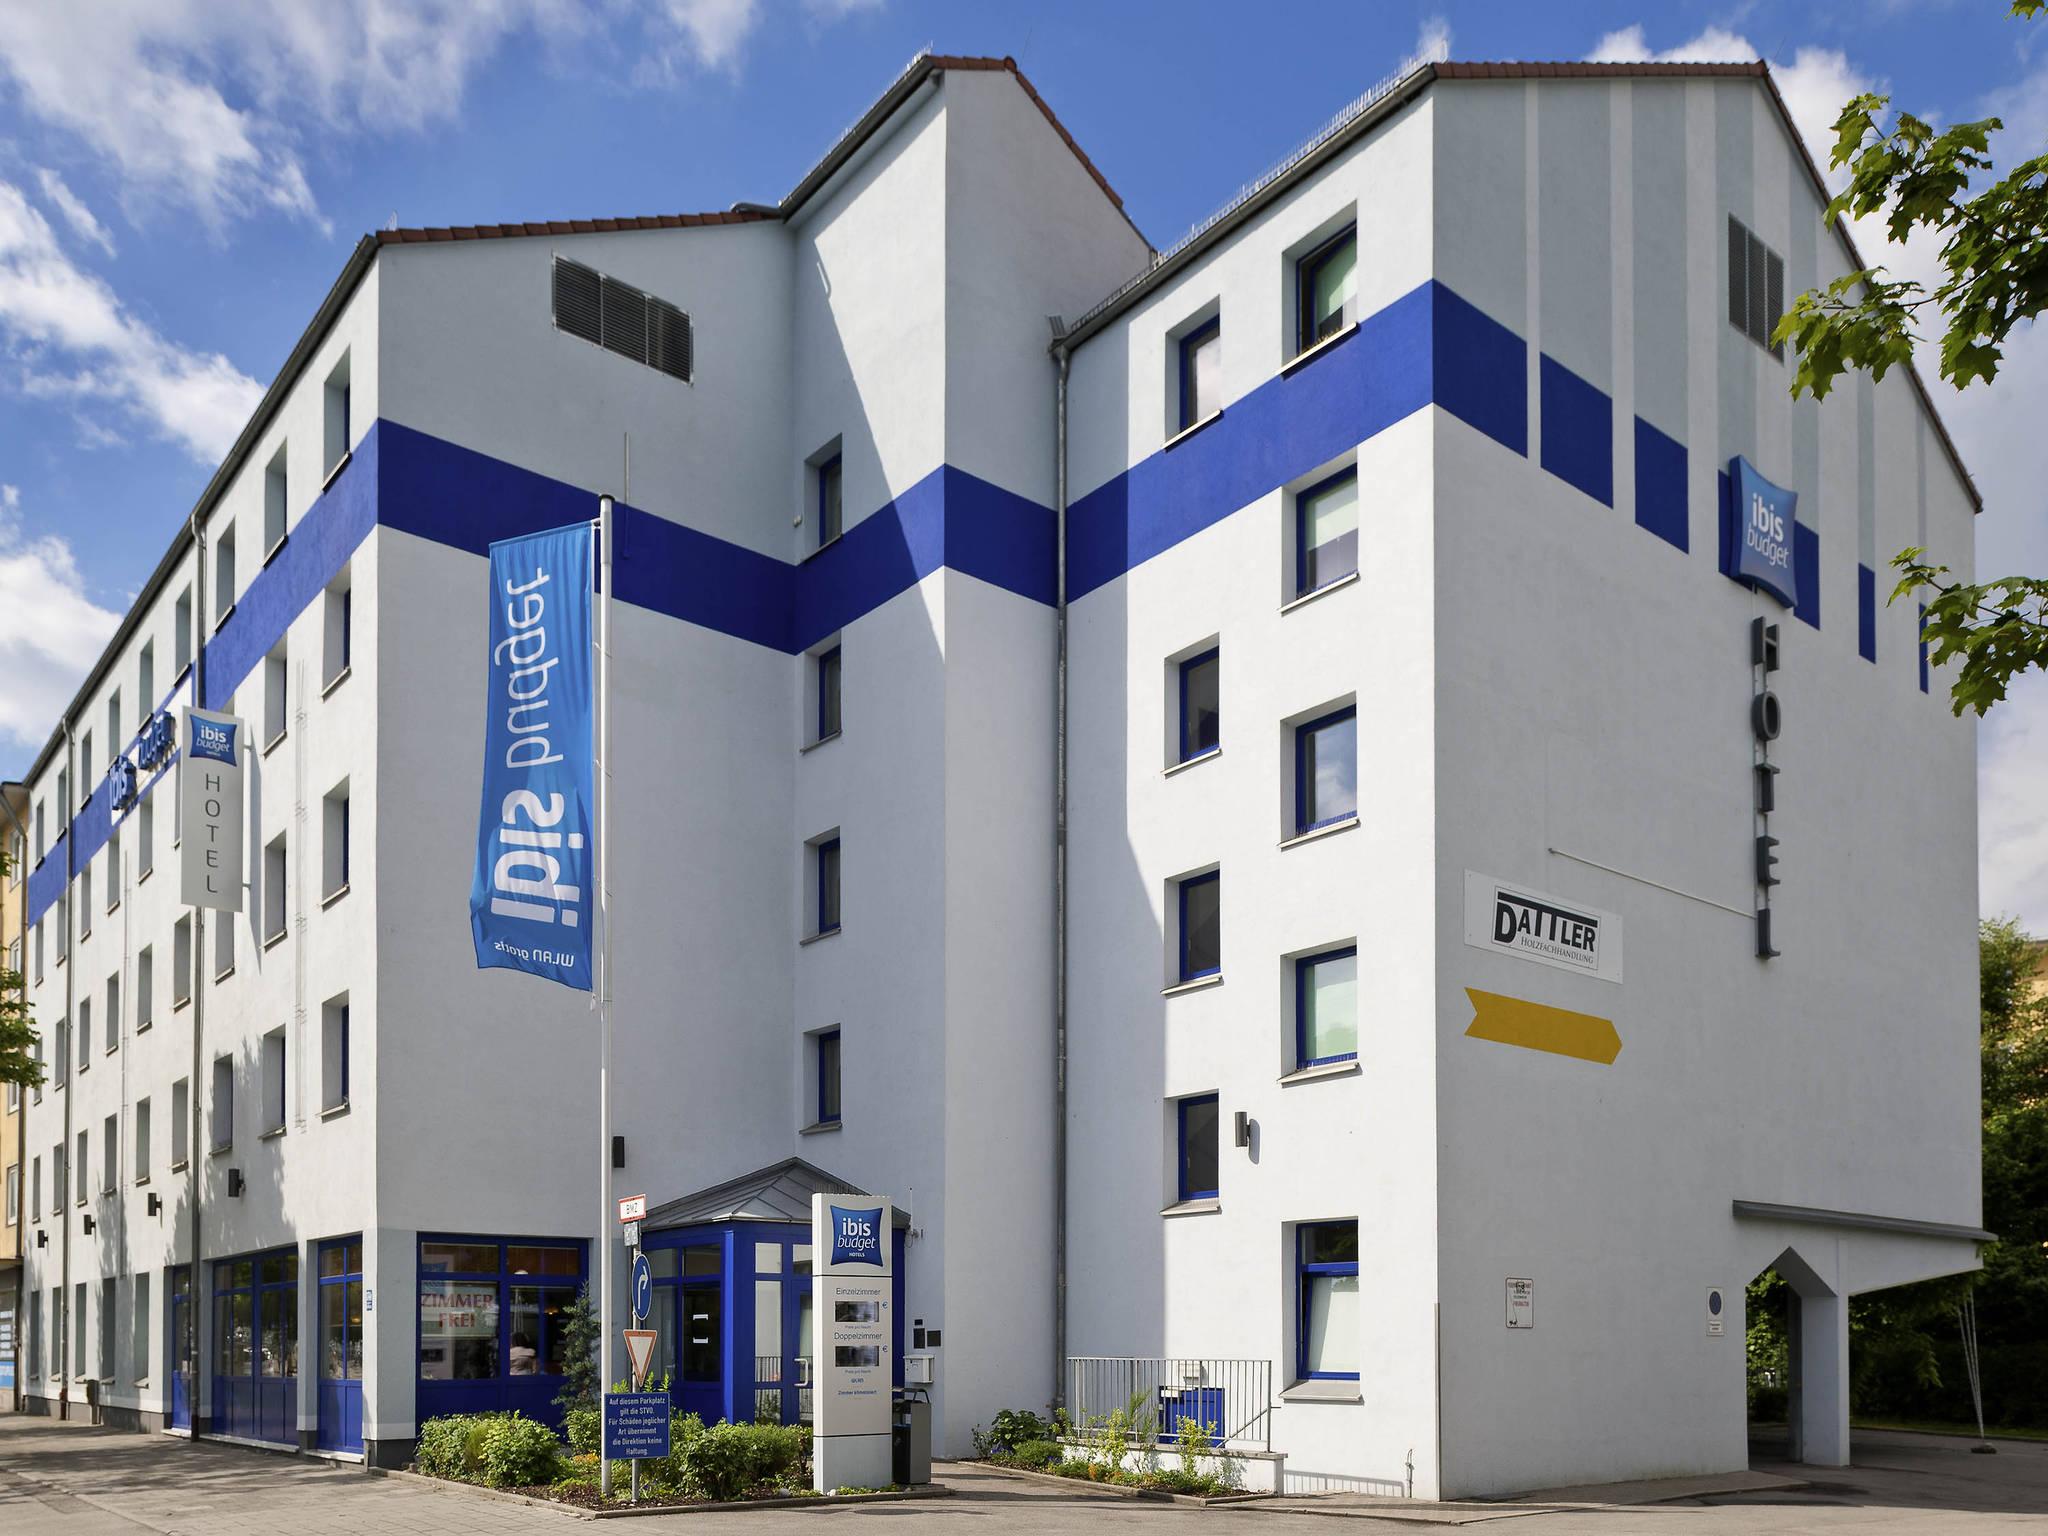 โรงแรม – ไอบิส บัดเจ็ท มุนเช่น ซิตี้ ซุด